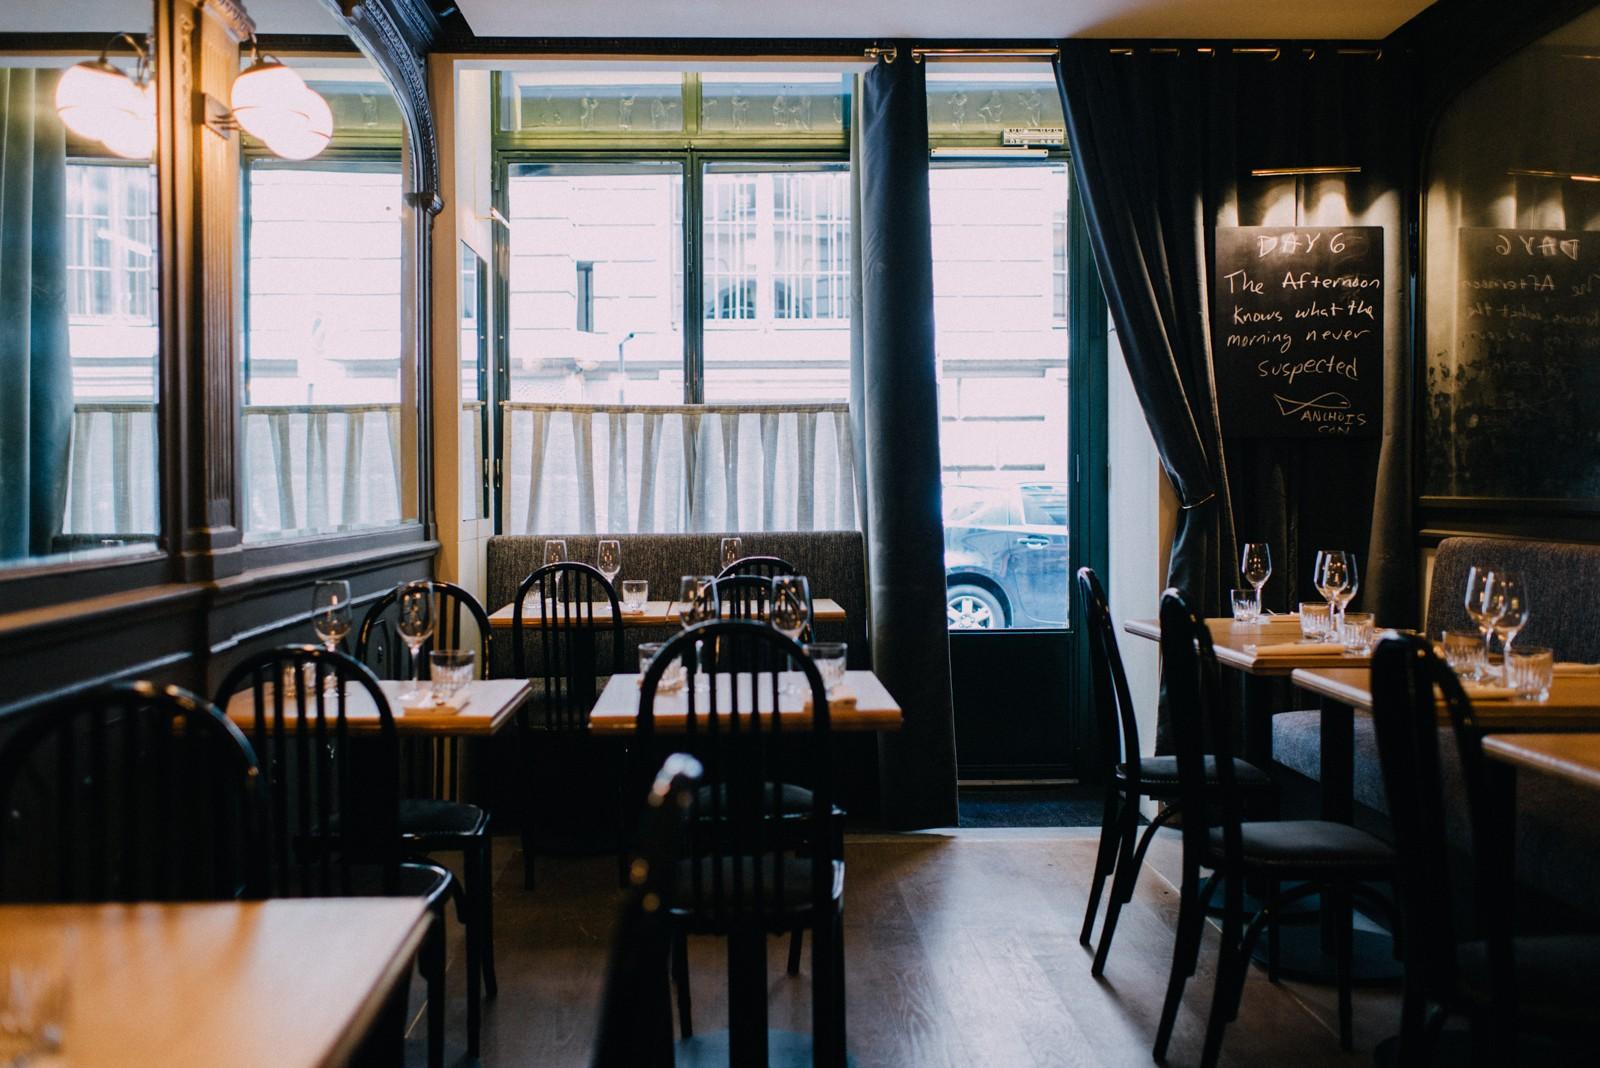 La bourse et la vie l 39 art du steak frites lifestyle paris for Miroir restaurant paris menu